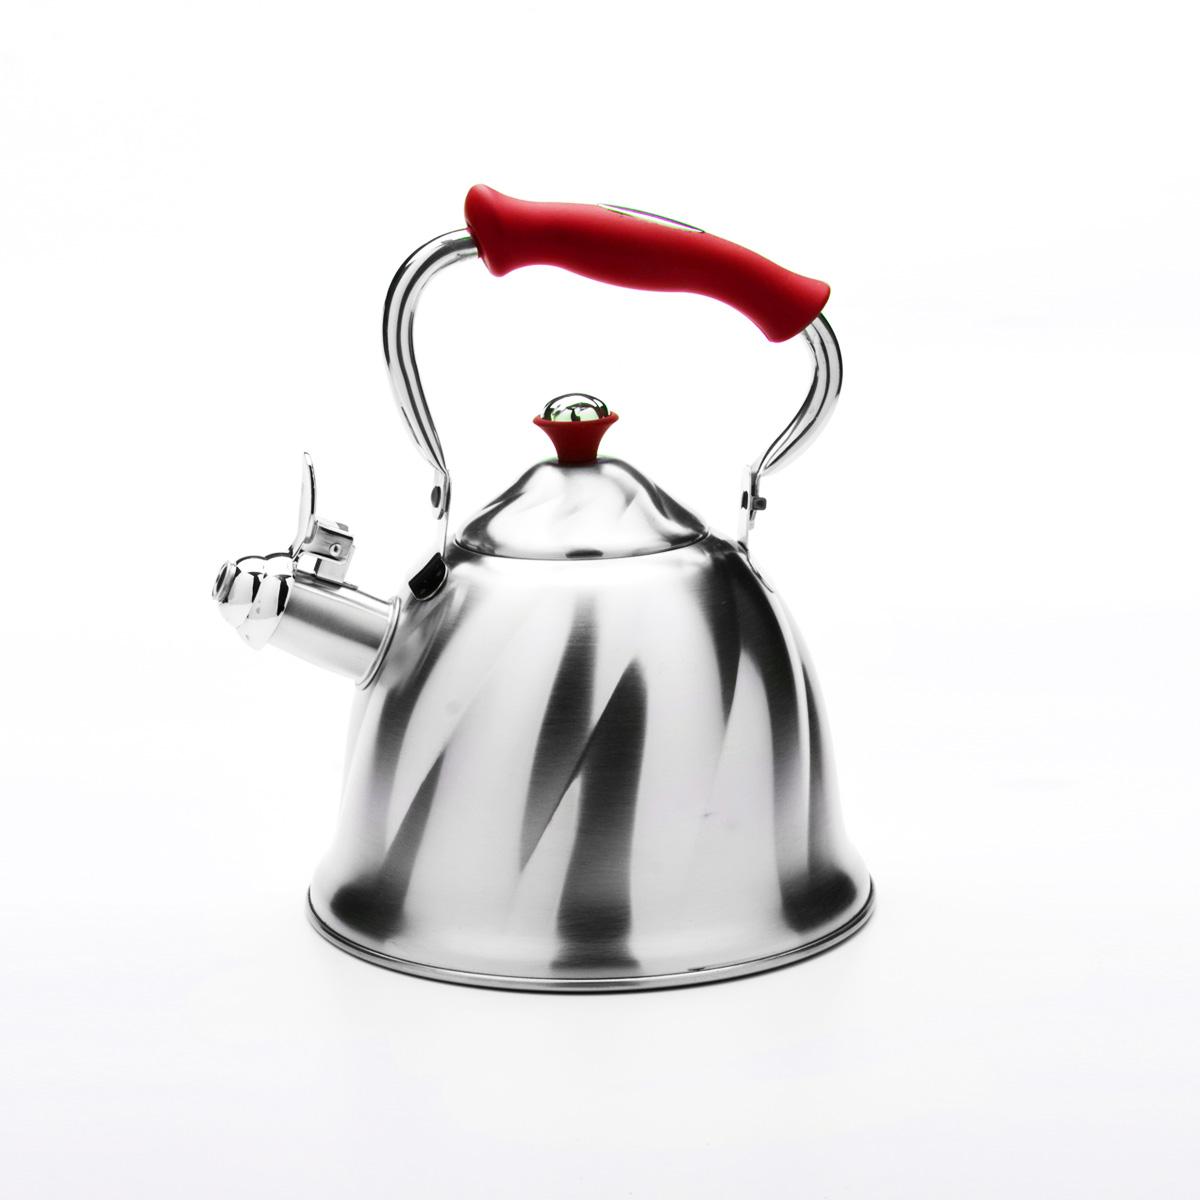 Чайник Mayer & Boch со свистком, цвет: красный, 3 л. 2377623776Чайник Mayer & Boch выполнен из высококачественной нержавеющей стали, что обеспечивает долговечность использования. Внешнее матовое покрытие придает приятный внешний вид. Фиксированная ручка из бакелита делает использование чайника очень удобным и безопасным. Чайник снабжен свистком и устройством для открывания носика. Можно мыть в посудомоечной машине. Пригоден для всех видов плит, кроме индукционных. Высота чайника (без учета крышки и ручки): 13 см. Диаметр основания: 21 см.